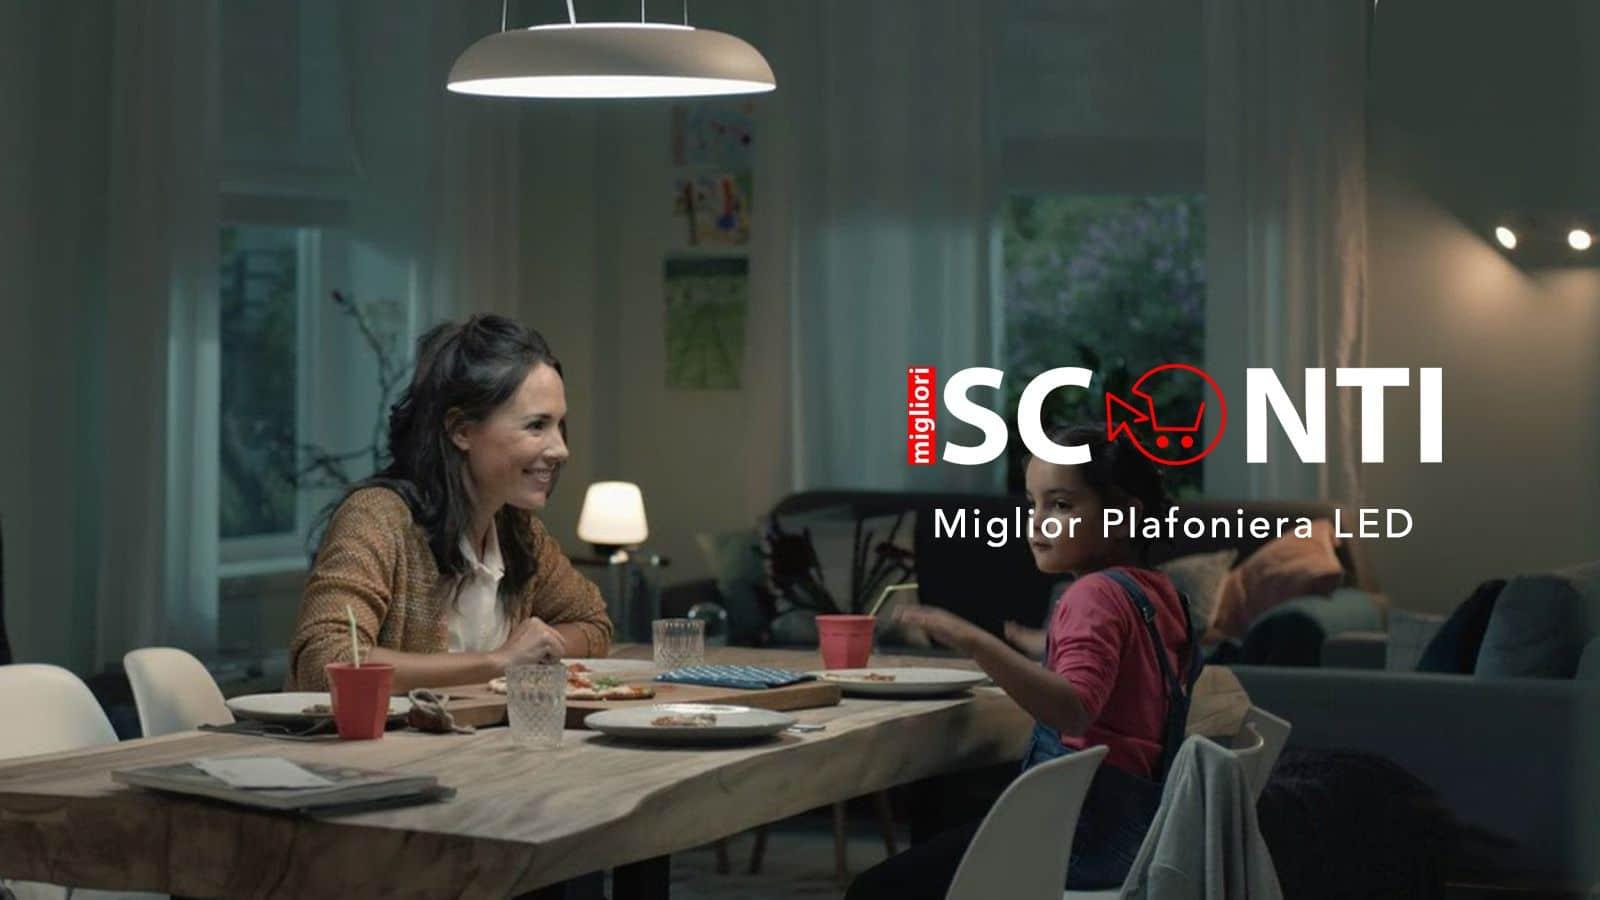 Plafoniere Tonde A Led : Miglior plafoniera led soffitto e smart u2022 aprile 2019 sconti migliori